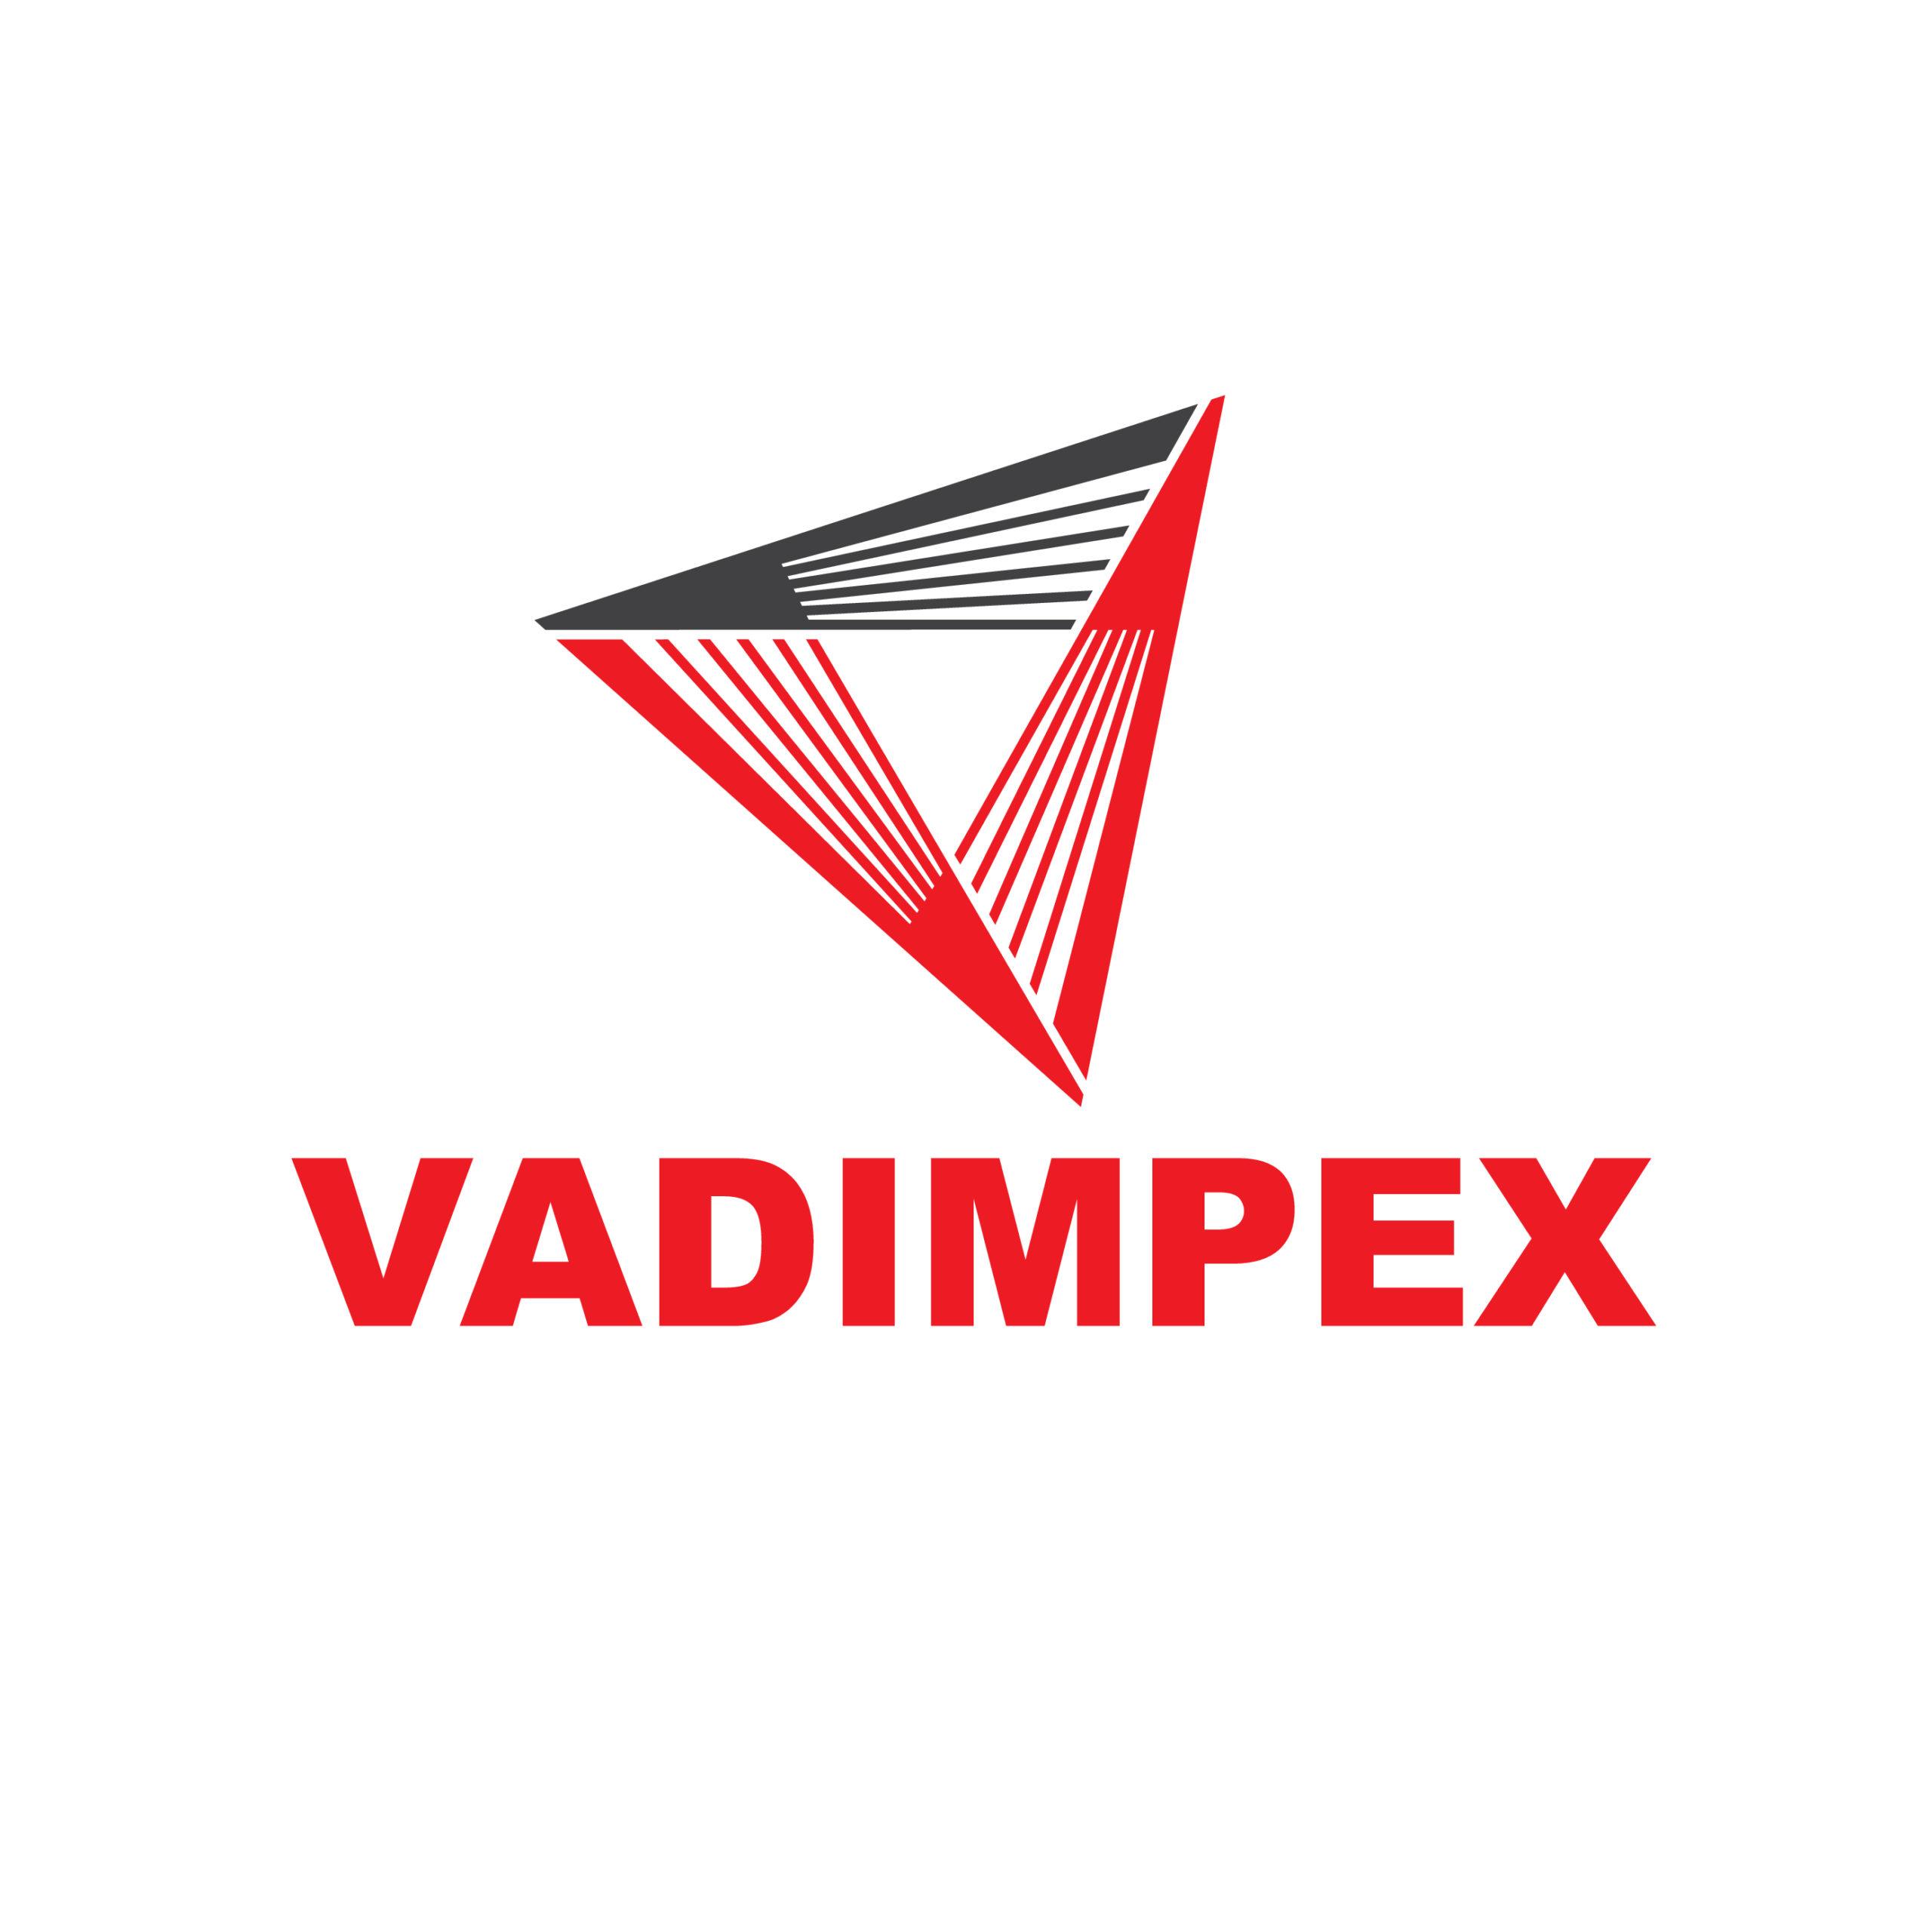 Vadimpex